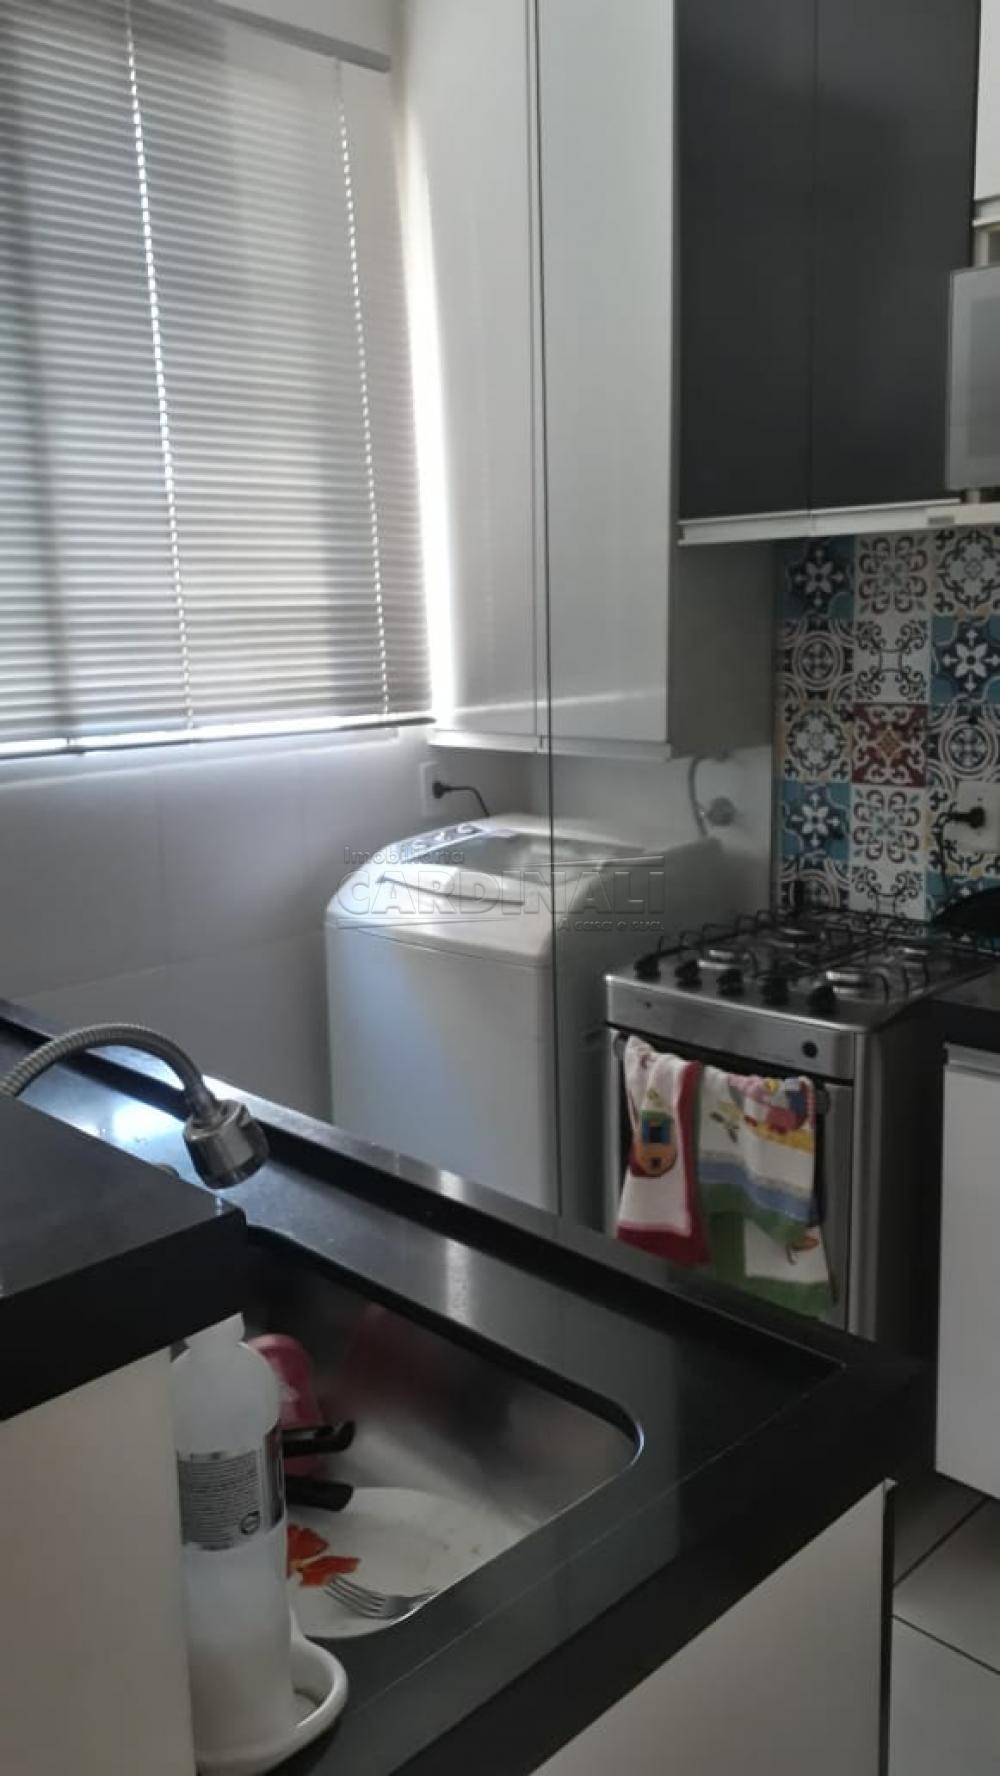 Comprar Apartamento / Padrão em Araraquara R$ 170.000,00 - Foto 5